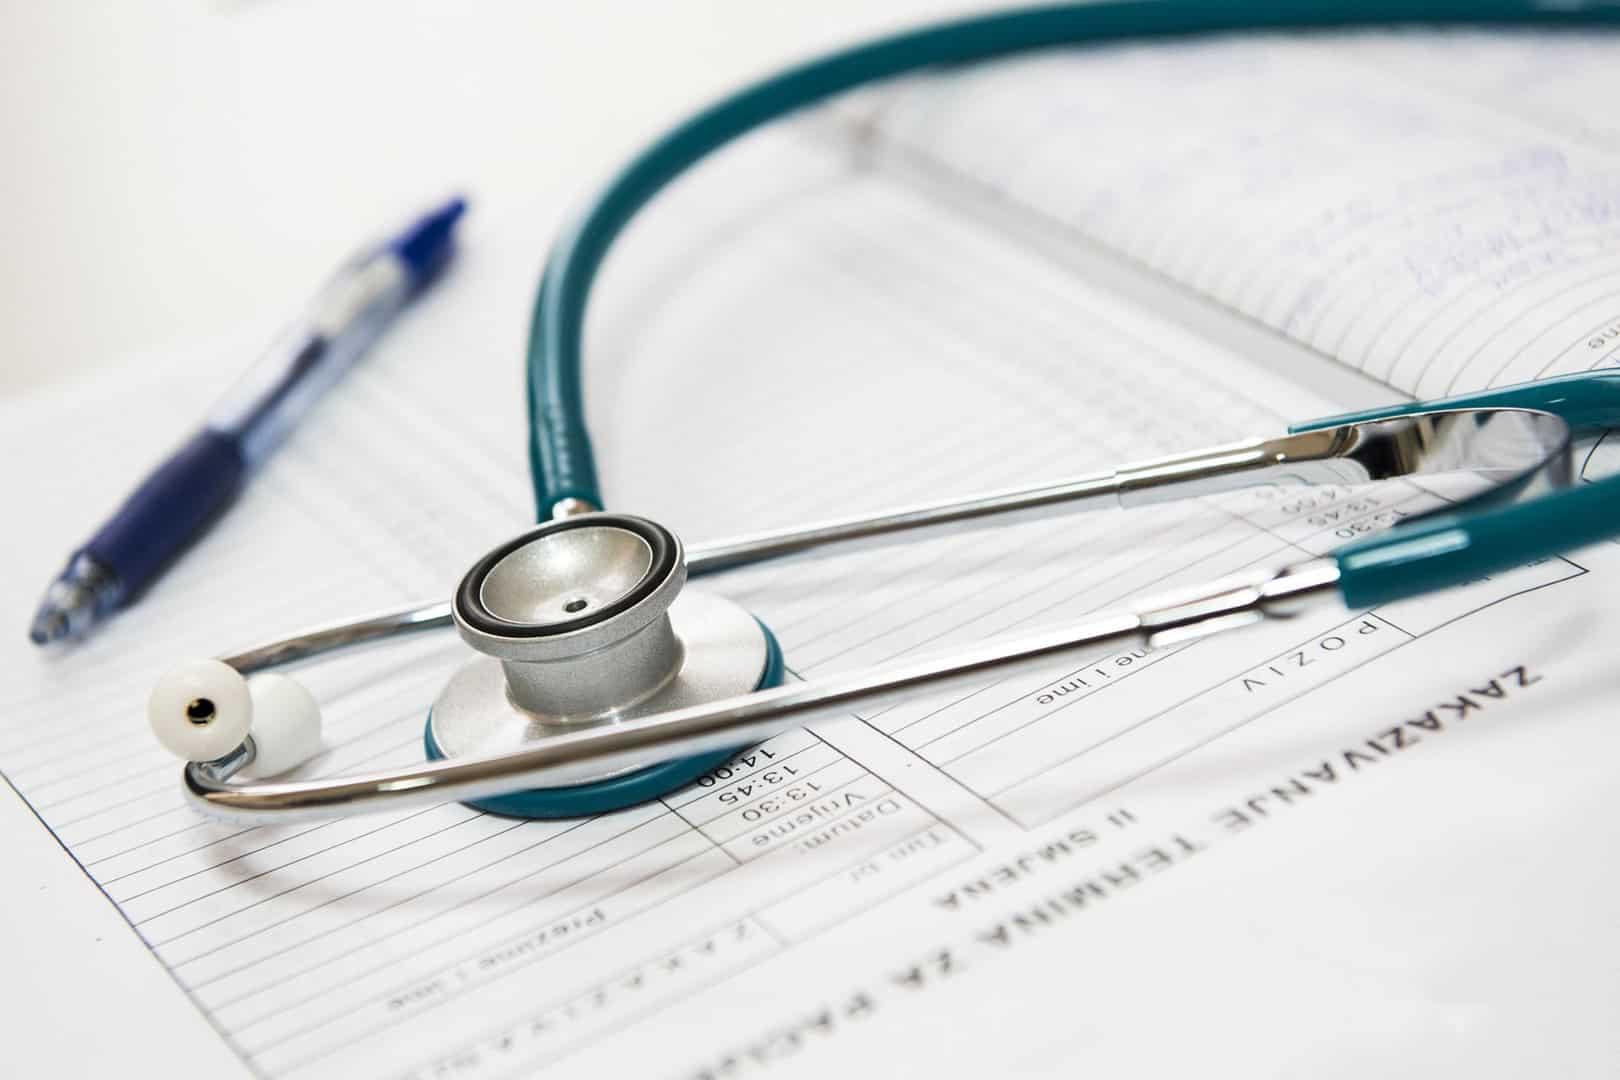 Medycyna pracy – obowiązki pracownika i pracodawcy